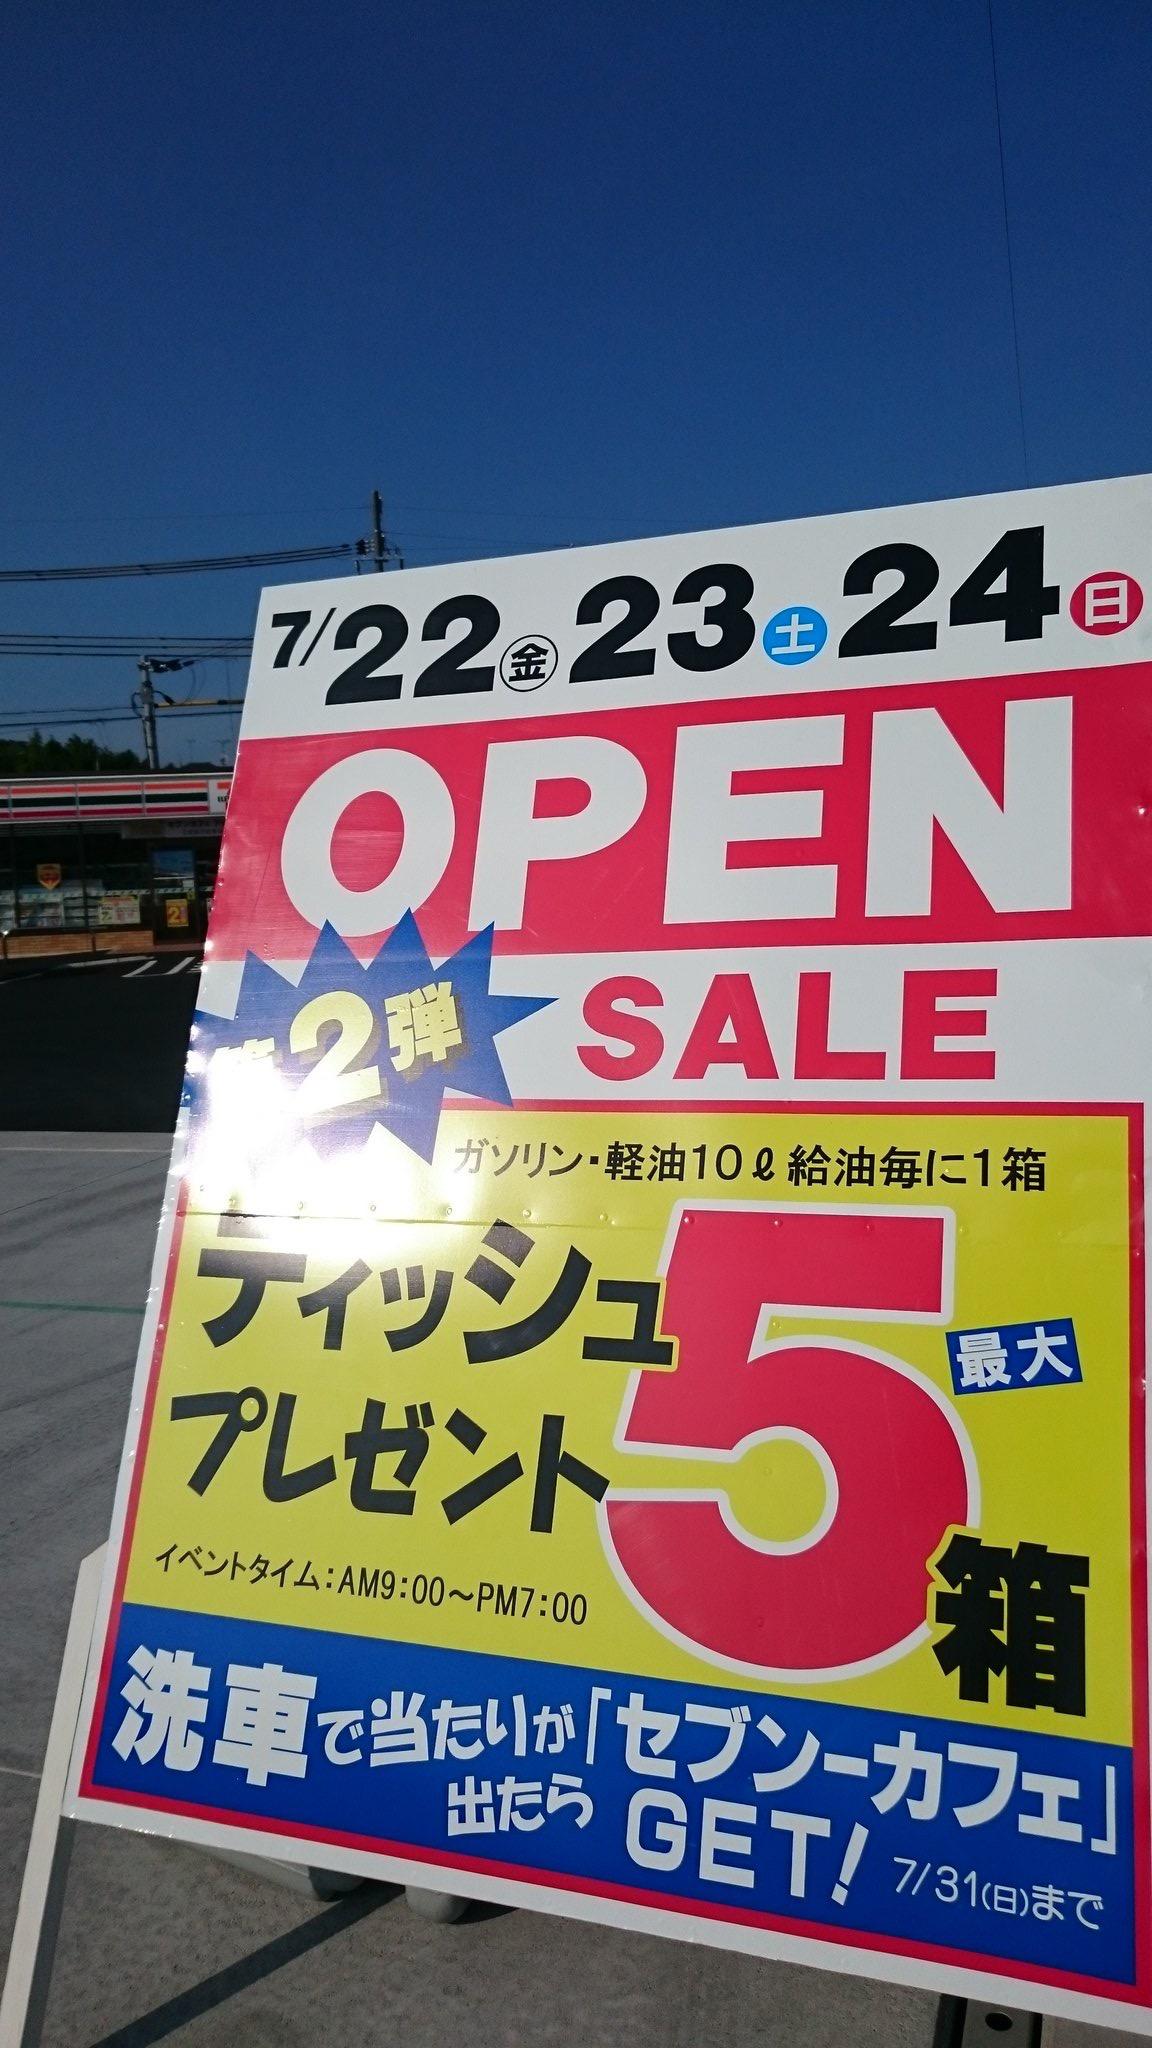 セブンイレブン栗東1号店7月15日オープンして第二弾のキャンペーンやってるらしい